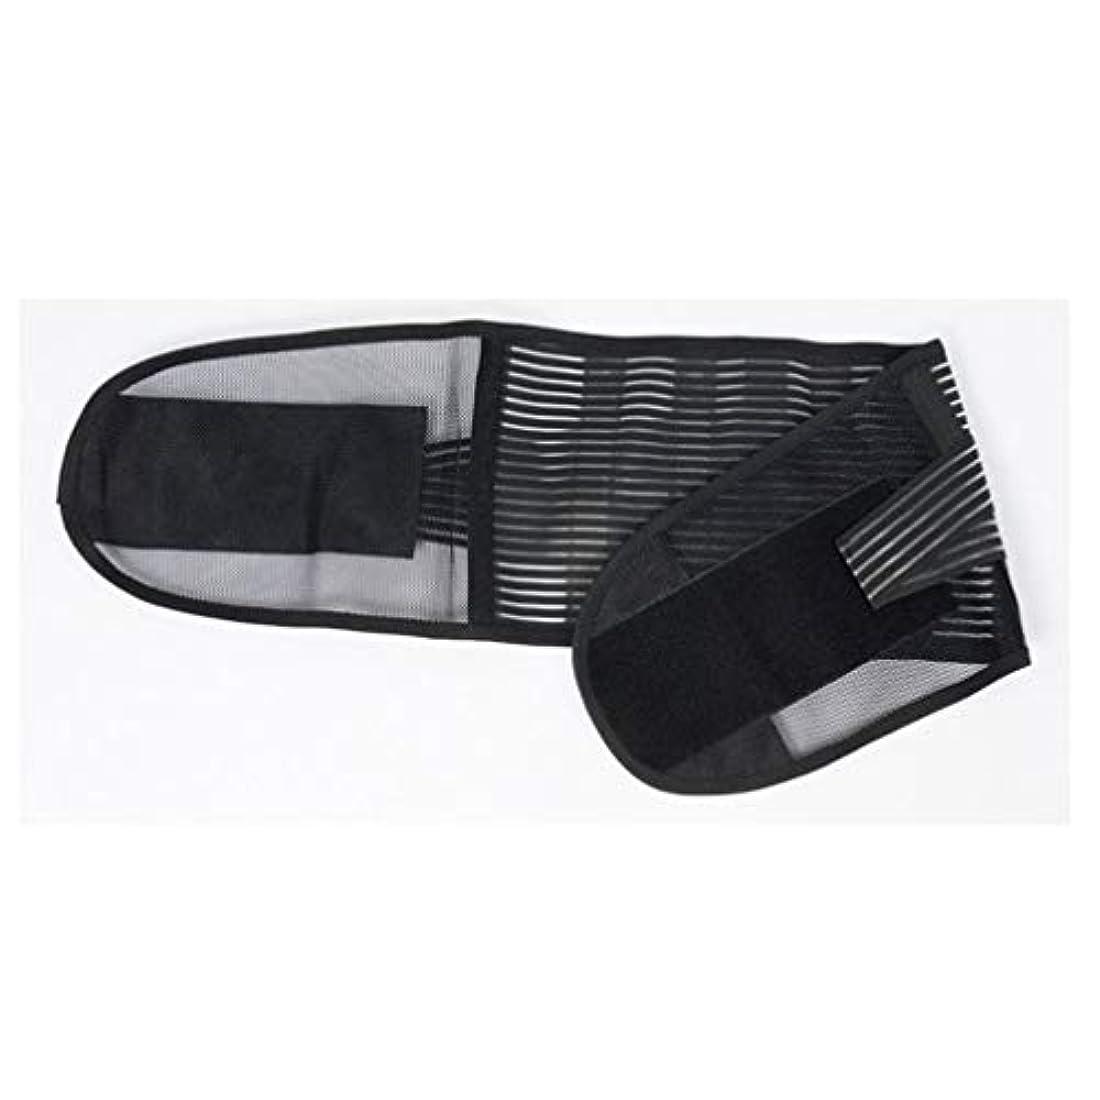 スナップ適性含むポリエステルウエストプレート通気性メッシュベルトウエスト保護メッシュサポートブレース-Rustle666